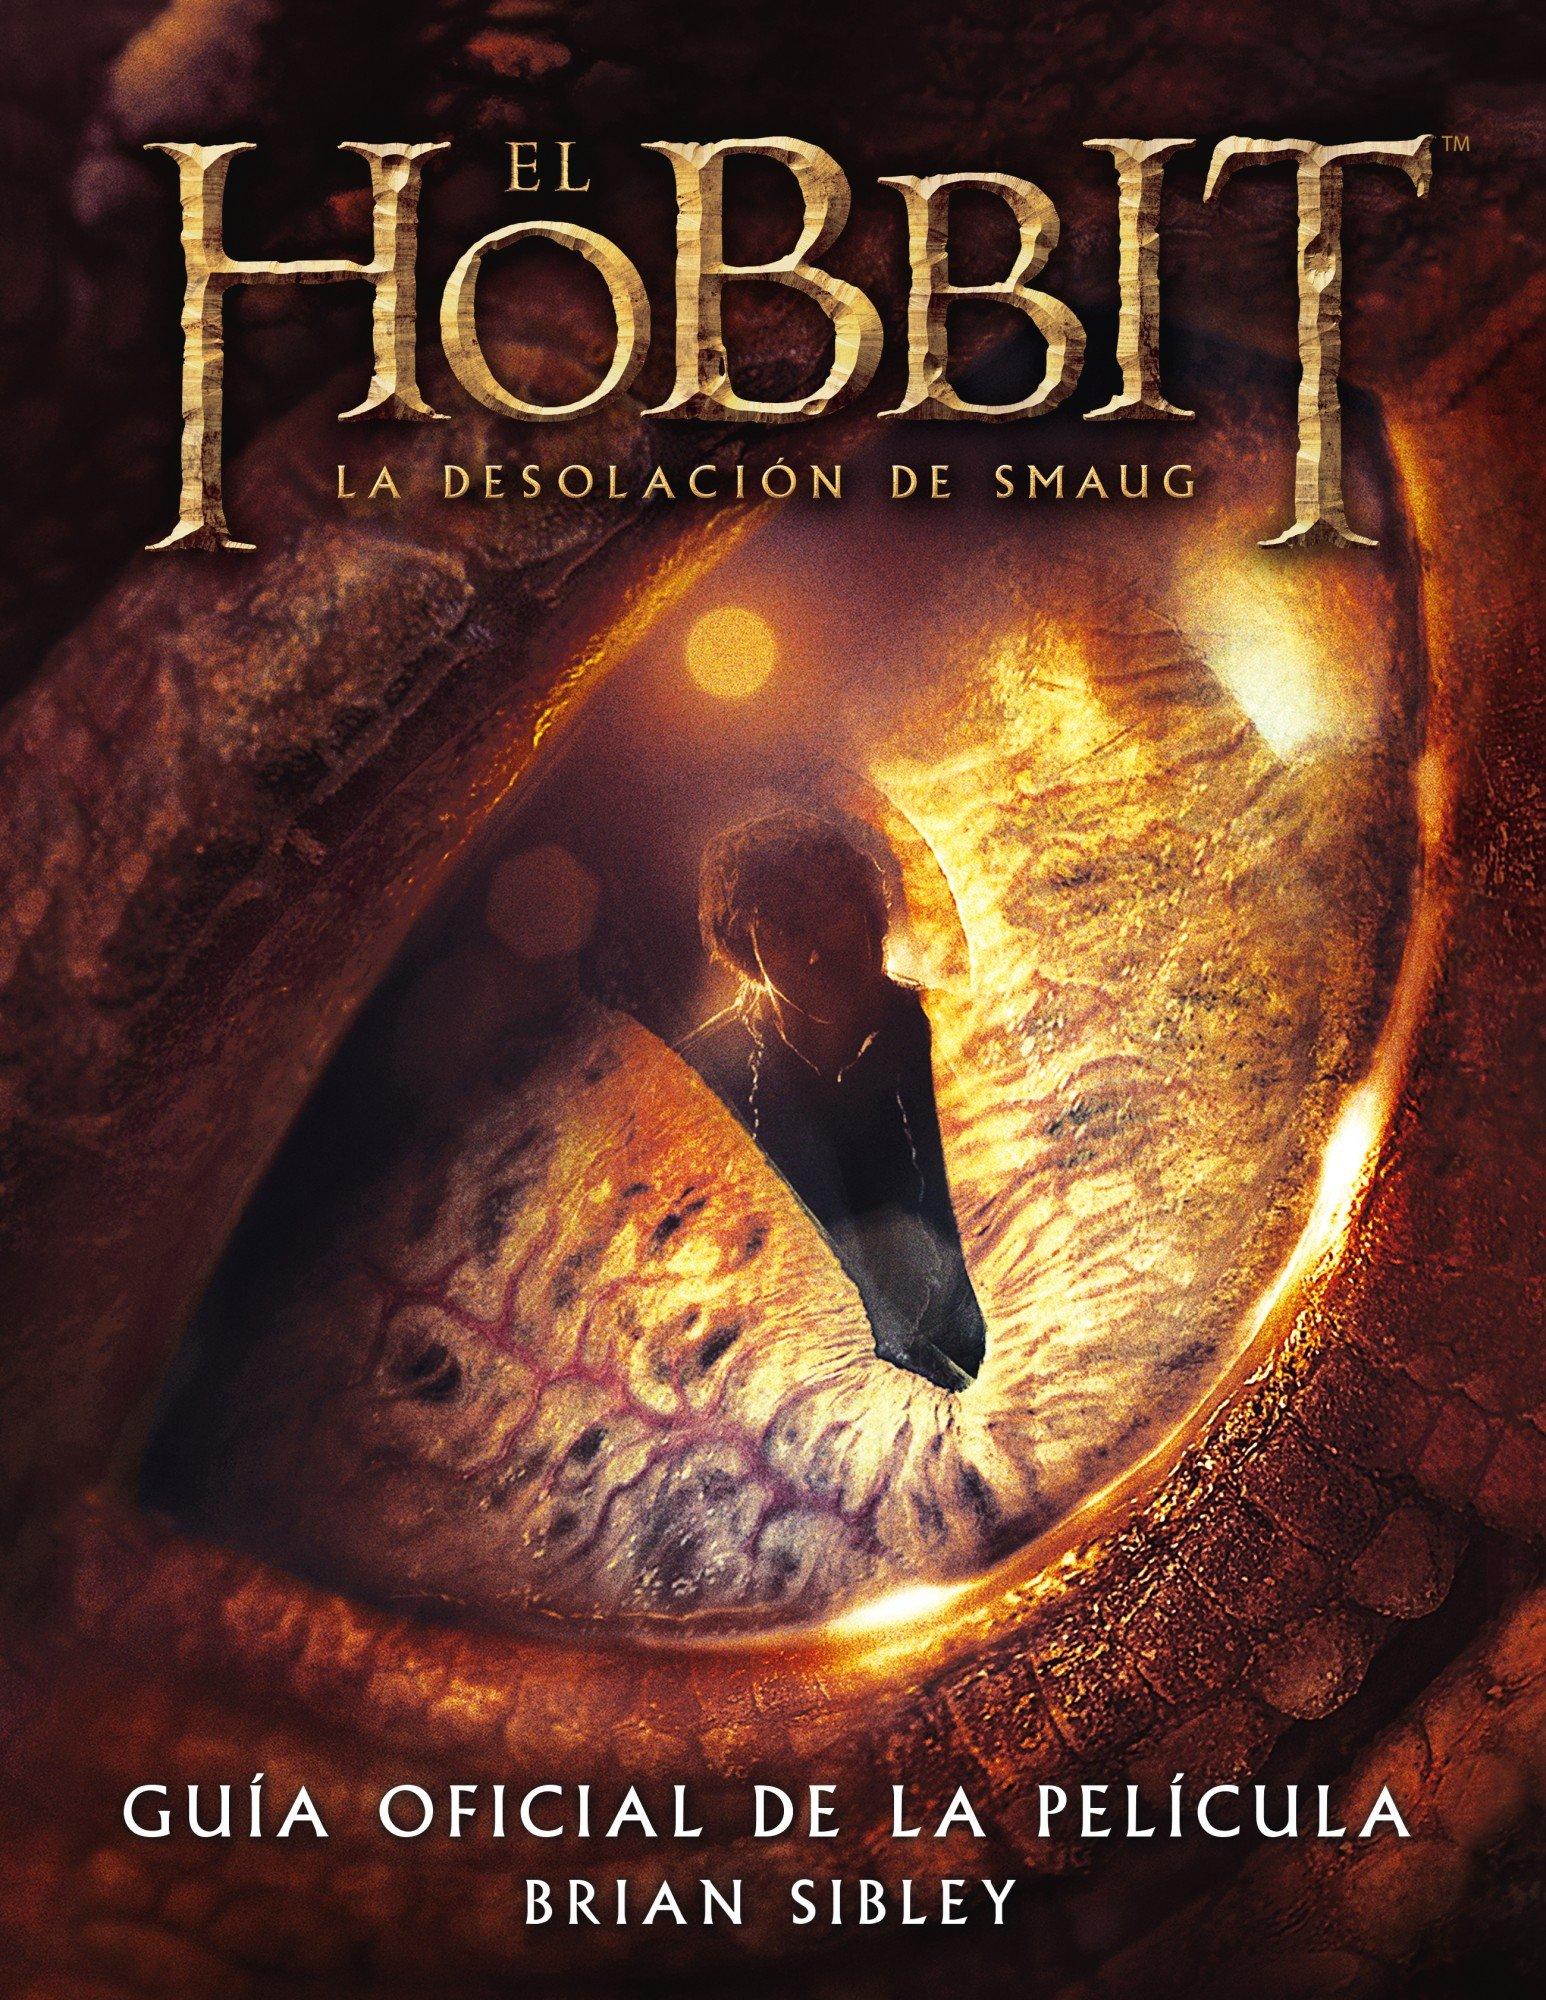 El Hobbit La Desolación De Smaug Guía Oficial De La Película Biblioteca J R R Tolkien Amazon Es Sibley Brian Mata álvarez Santullano Manuel Libros